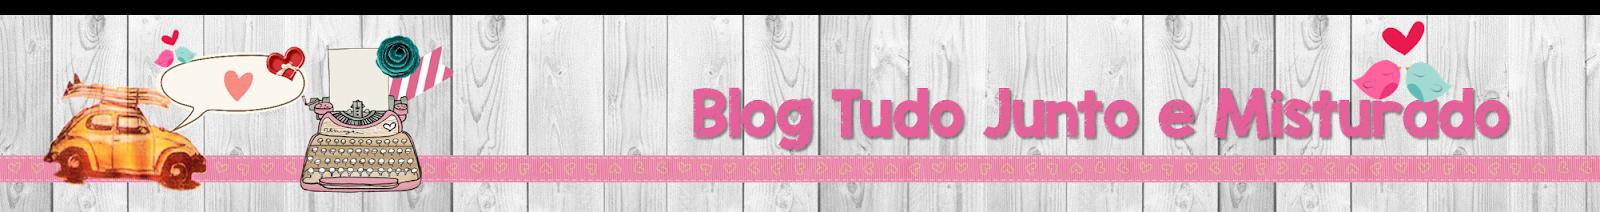 Blog Tudo Junto e Misturado